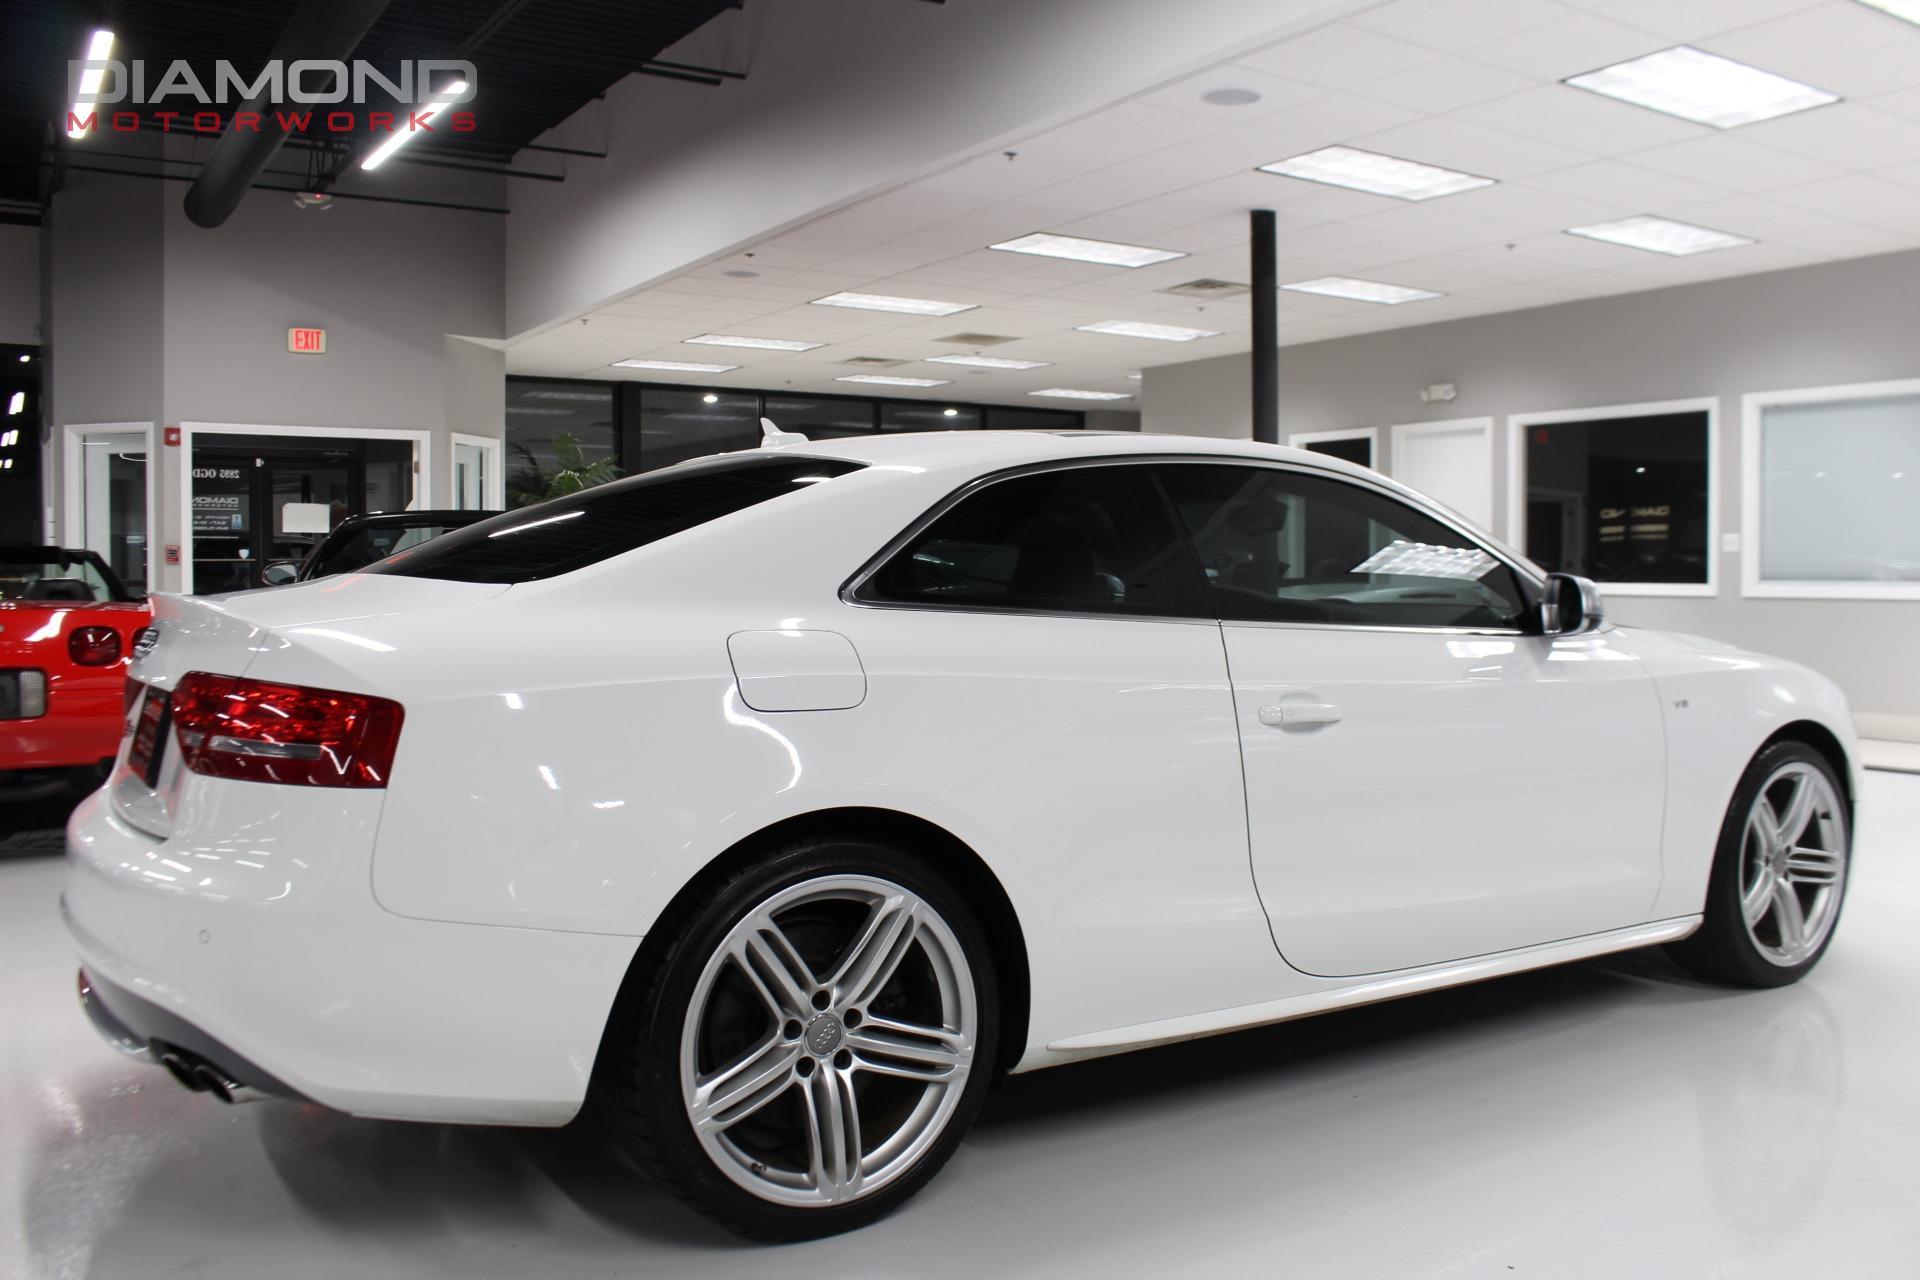 2011 Audi S5 4 2 Quattro Premium Plus Stock 008576 For